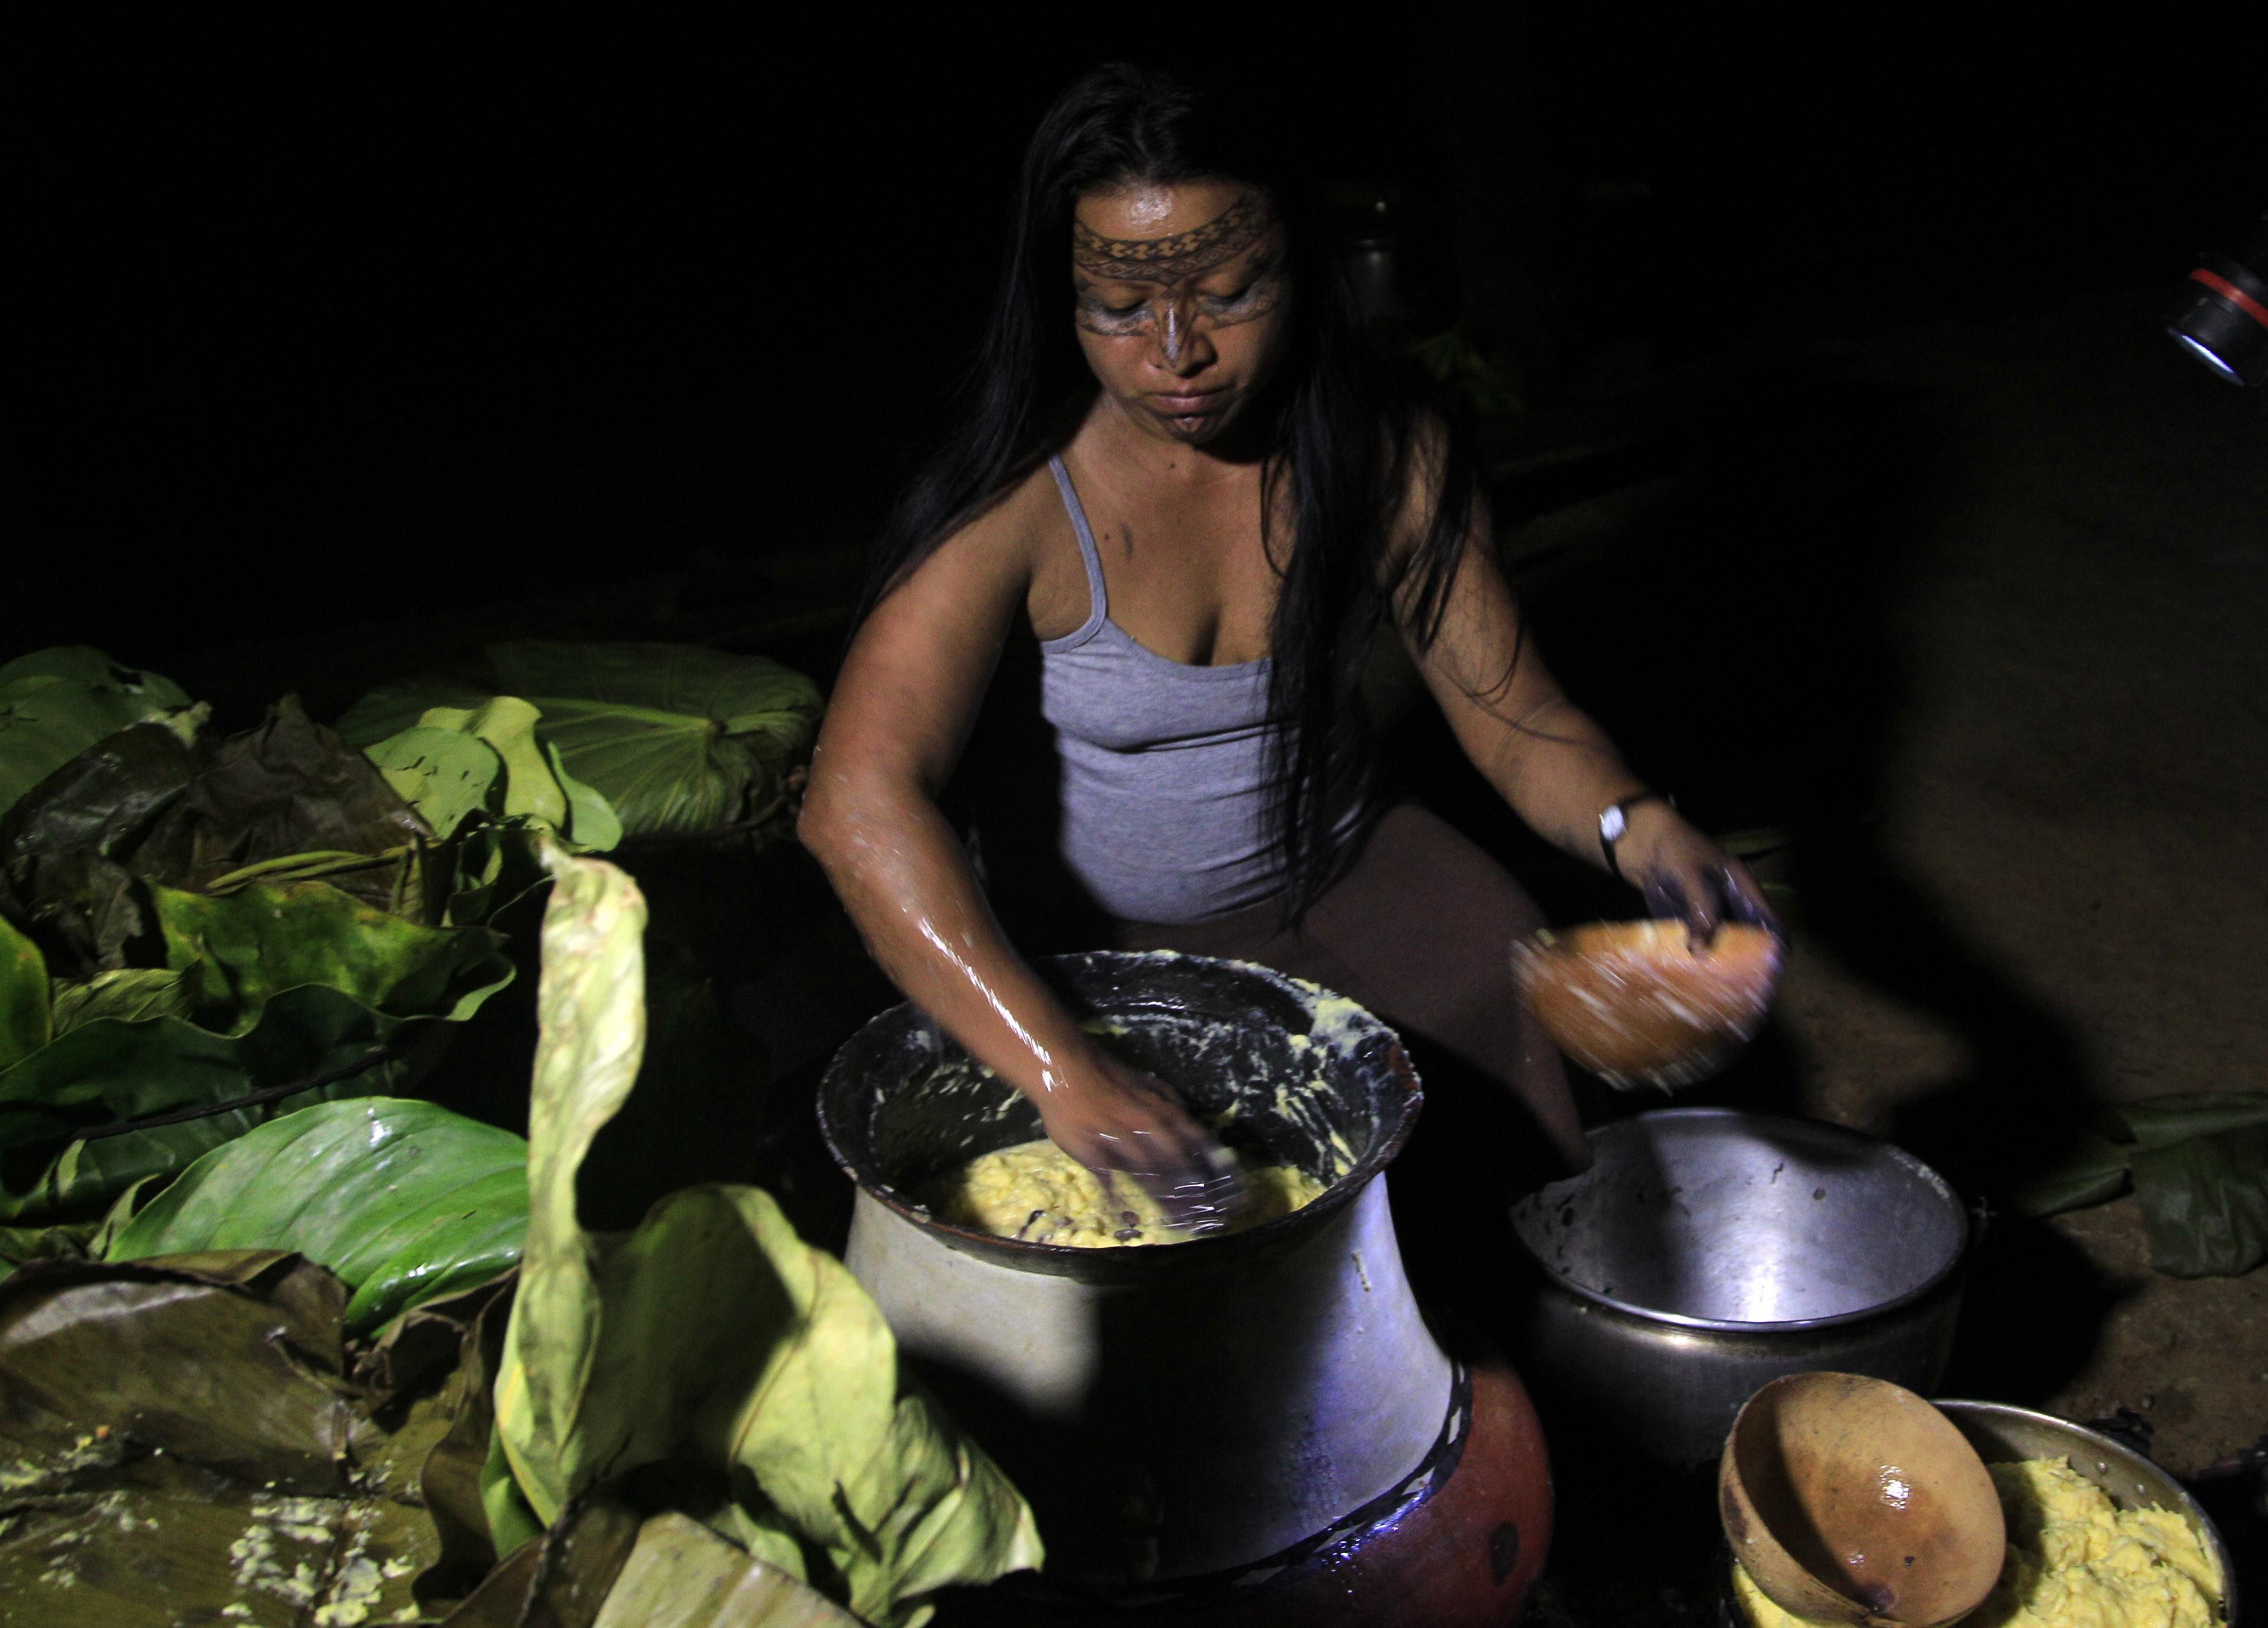 Yuca in Ecuador